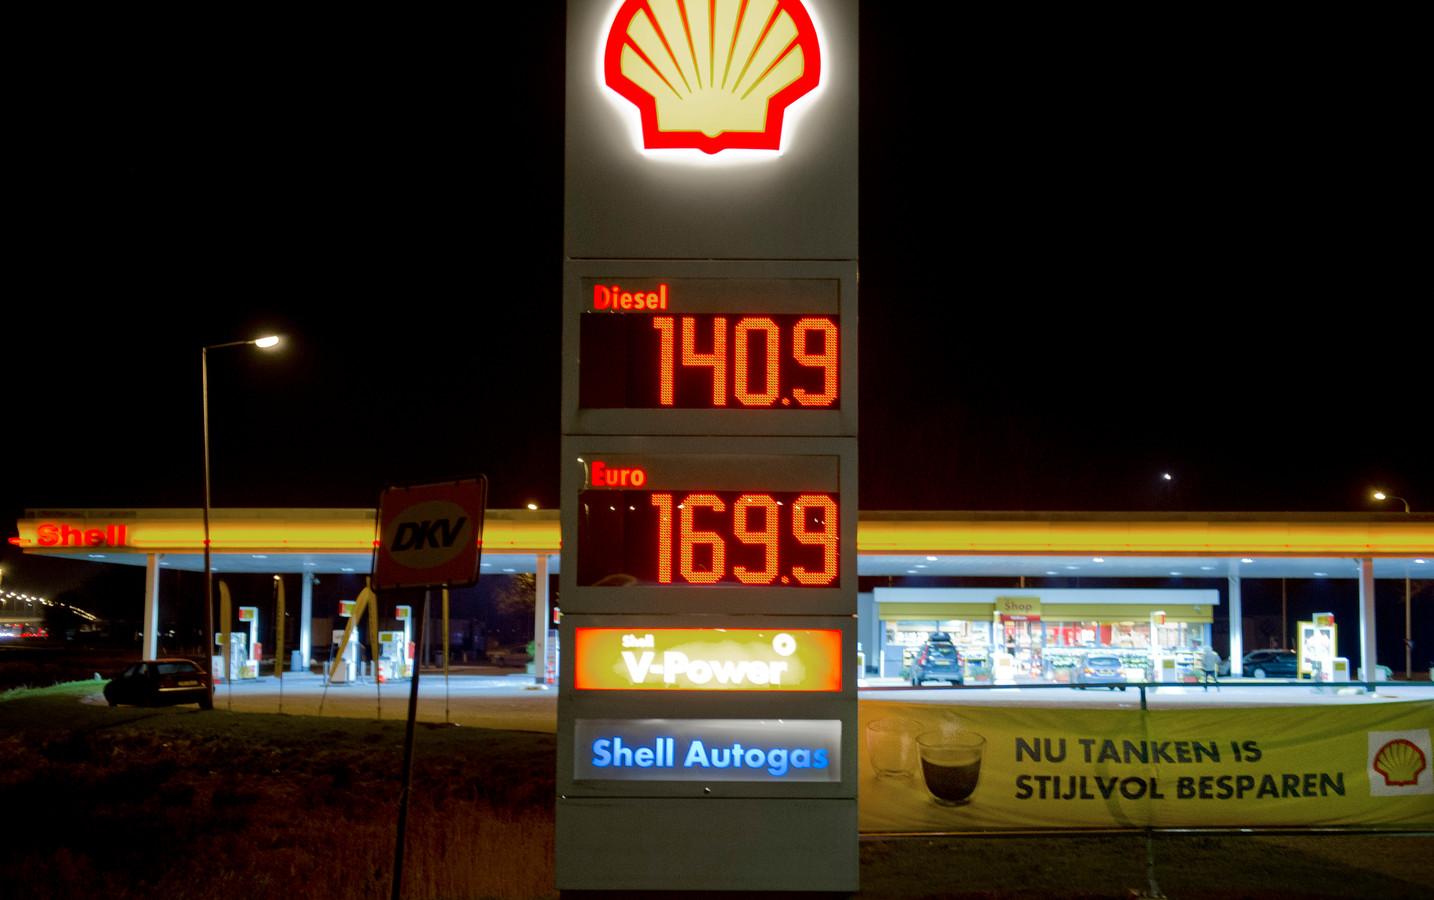 Een tankstation langs de A2 bij Breukelen verkocht zaterdag 25 april een liter euro ongelood voor 169.9 euro. Inmiddels is de prijs gestegen naar 1,895 euro per liter. ANP MARCEL ANTONISSE